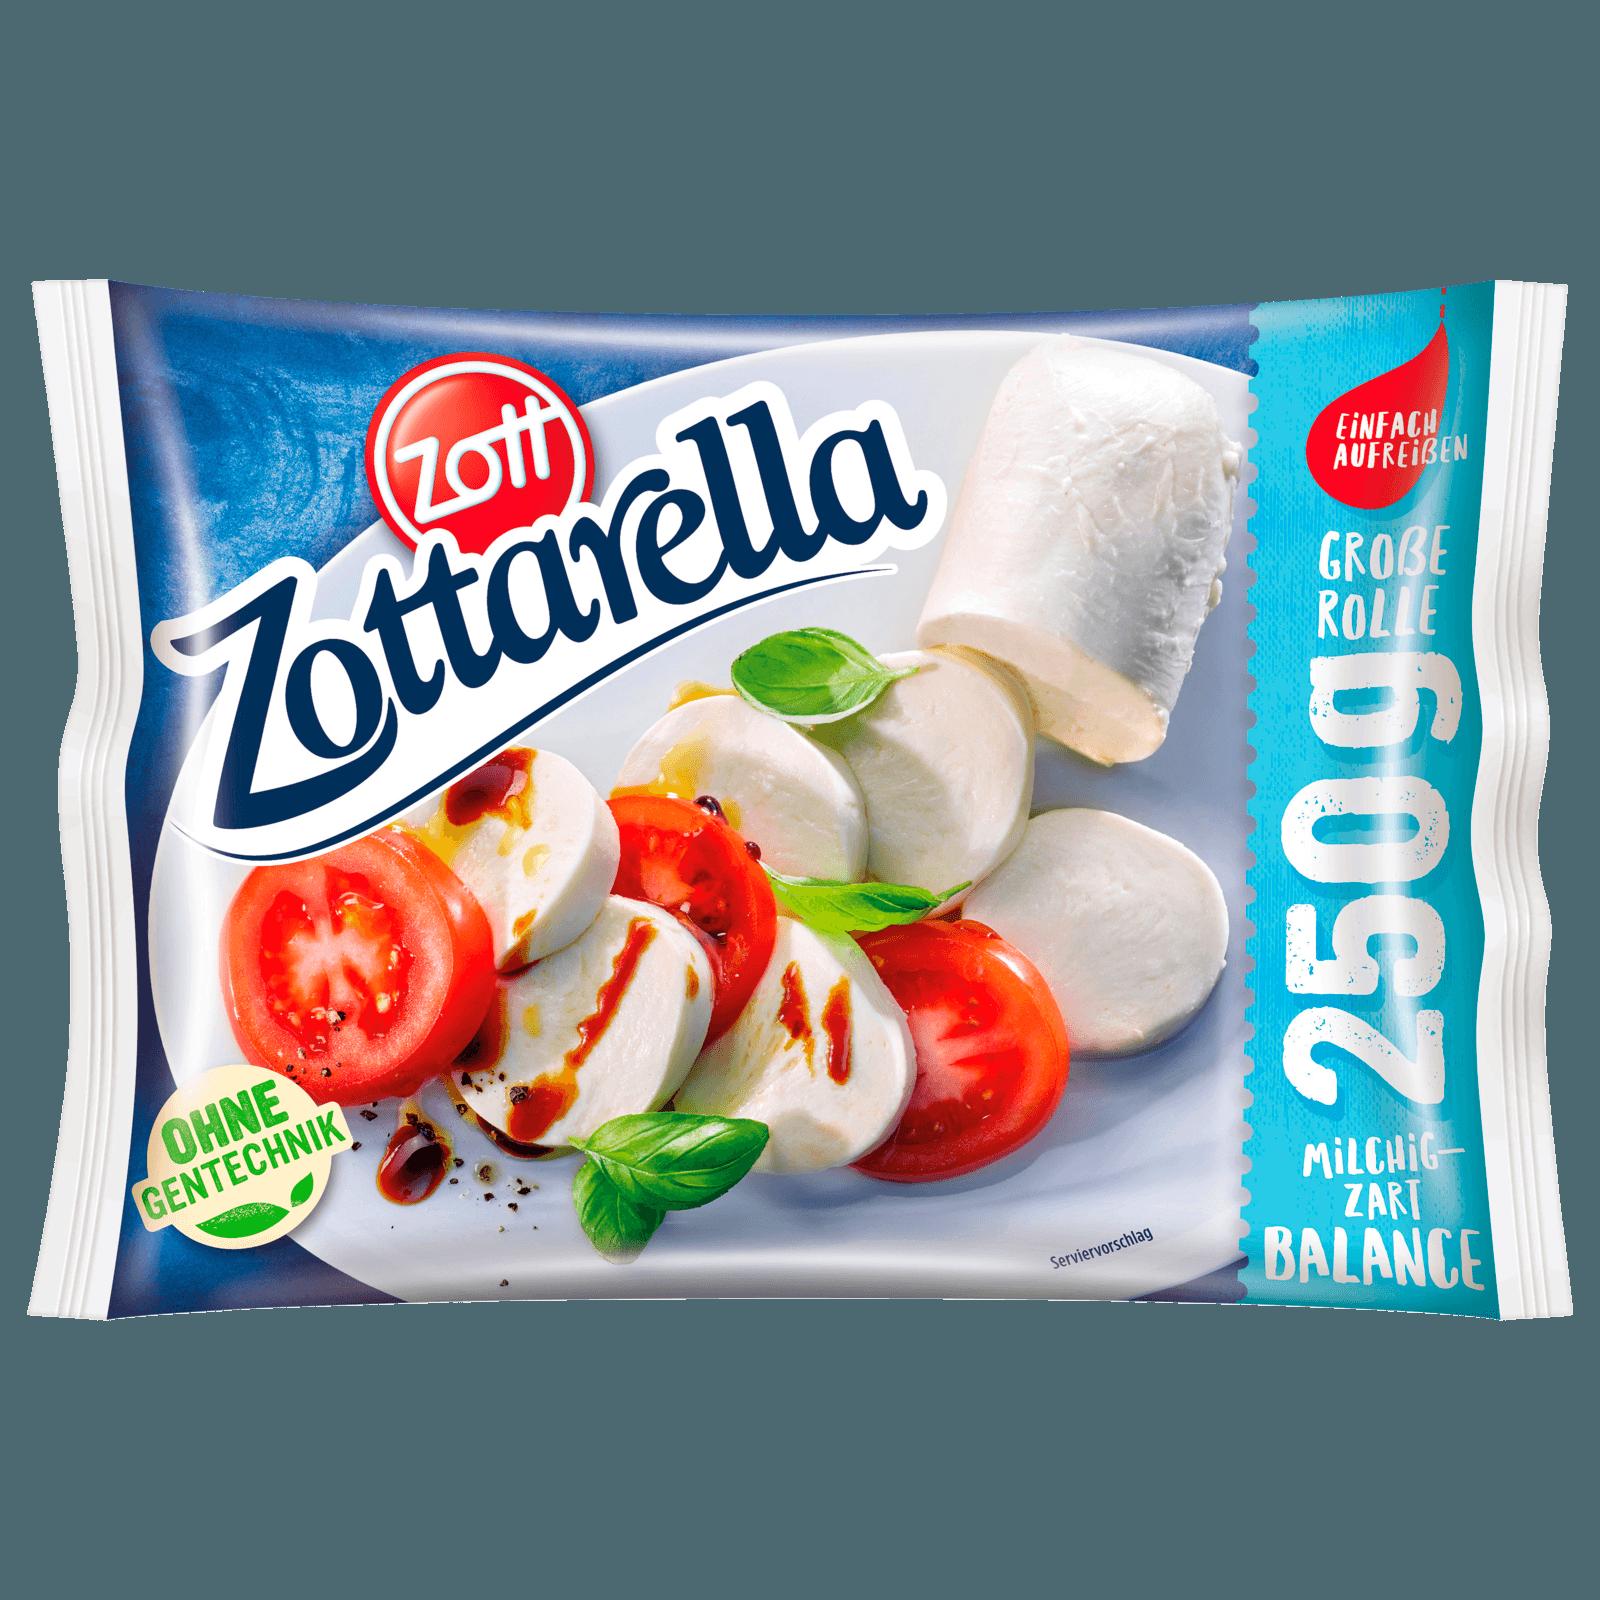 Zott Zottarella Rolle leicht 250g